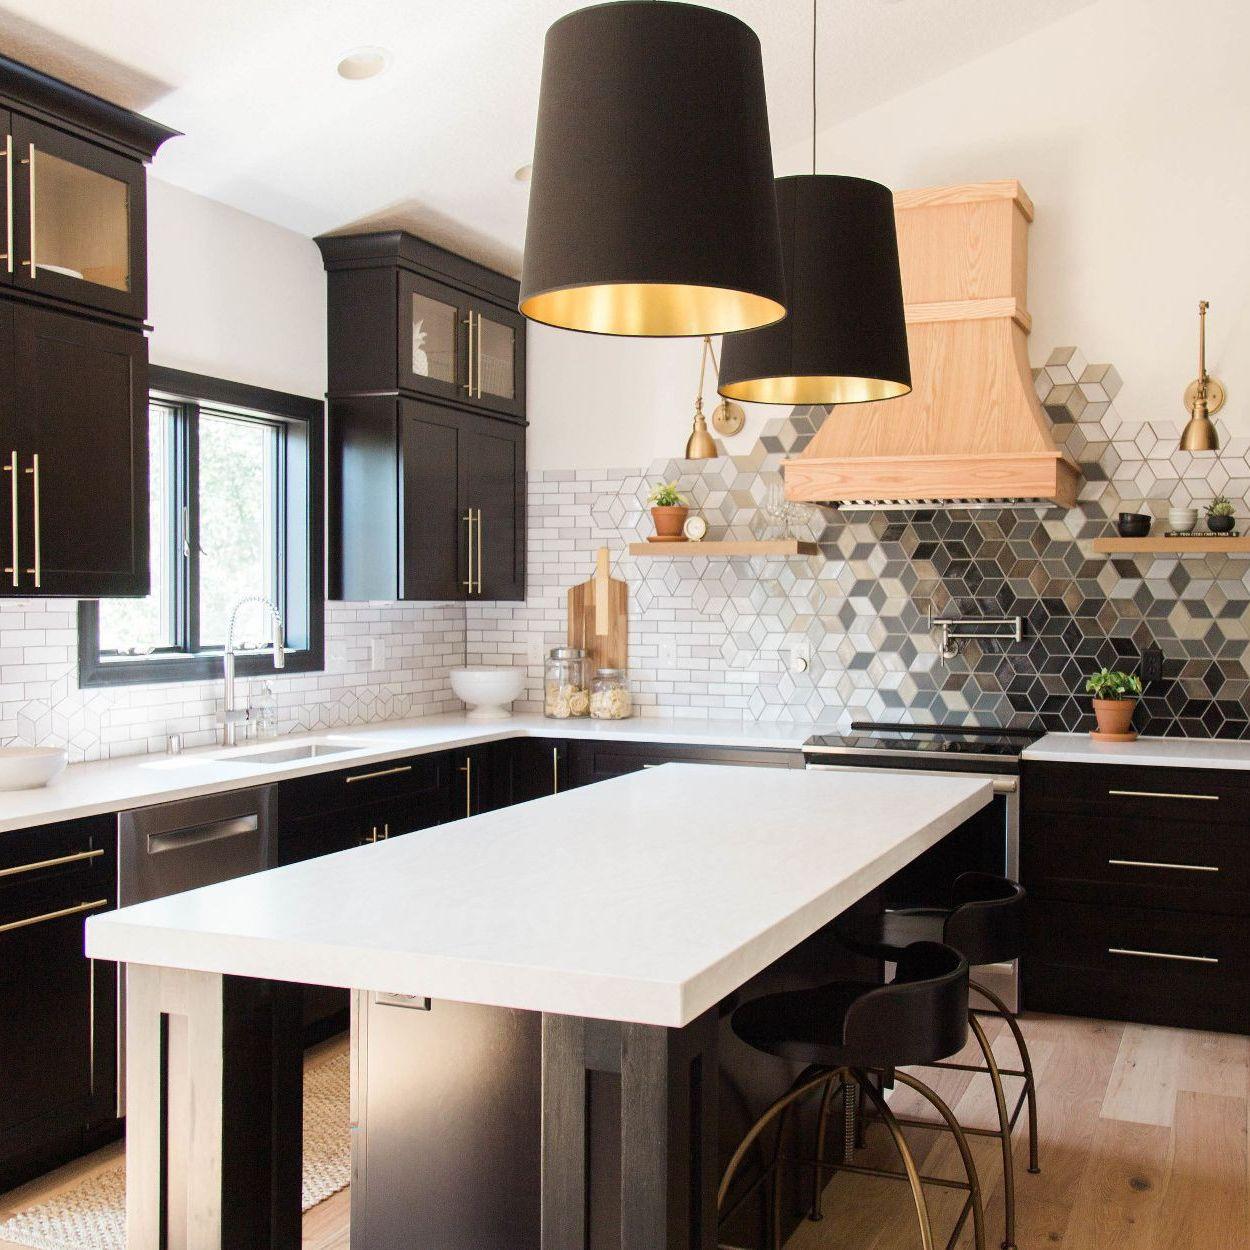 Cambria-quartz-countertop-kitchen